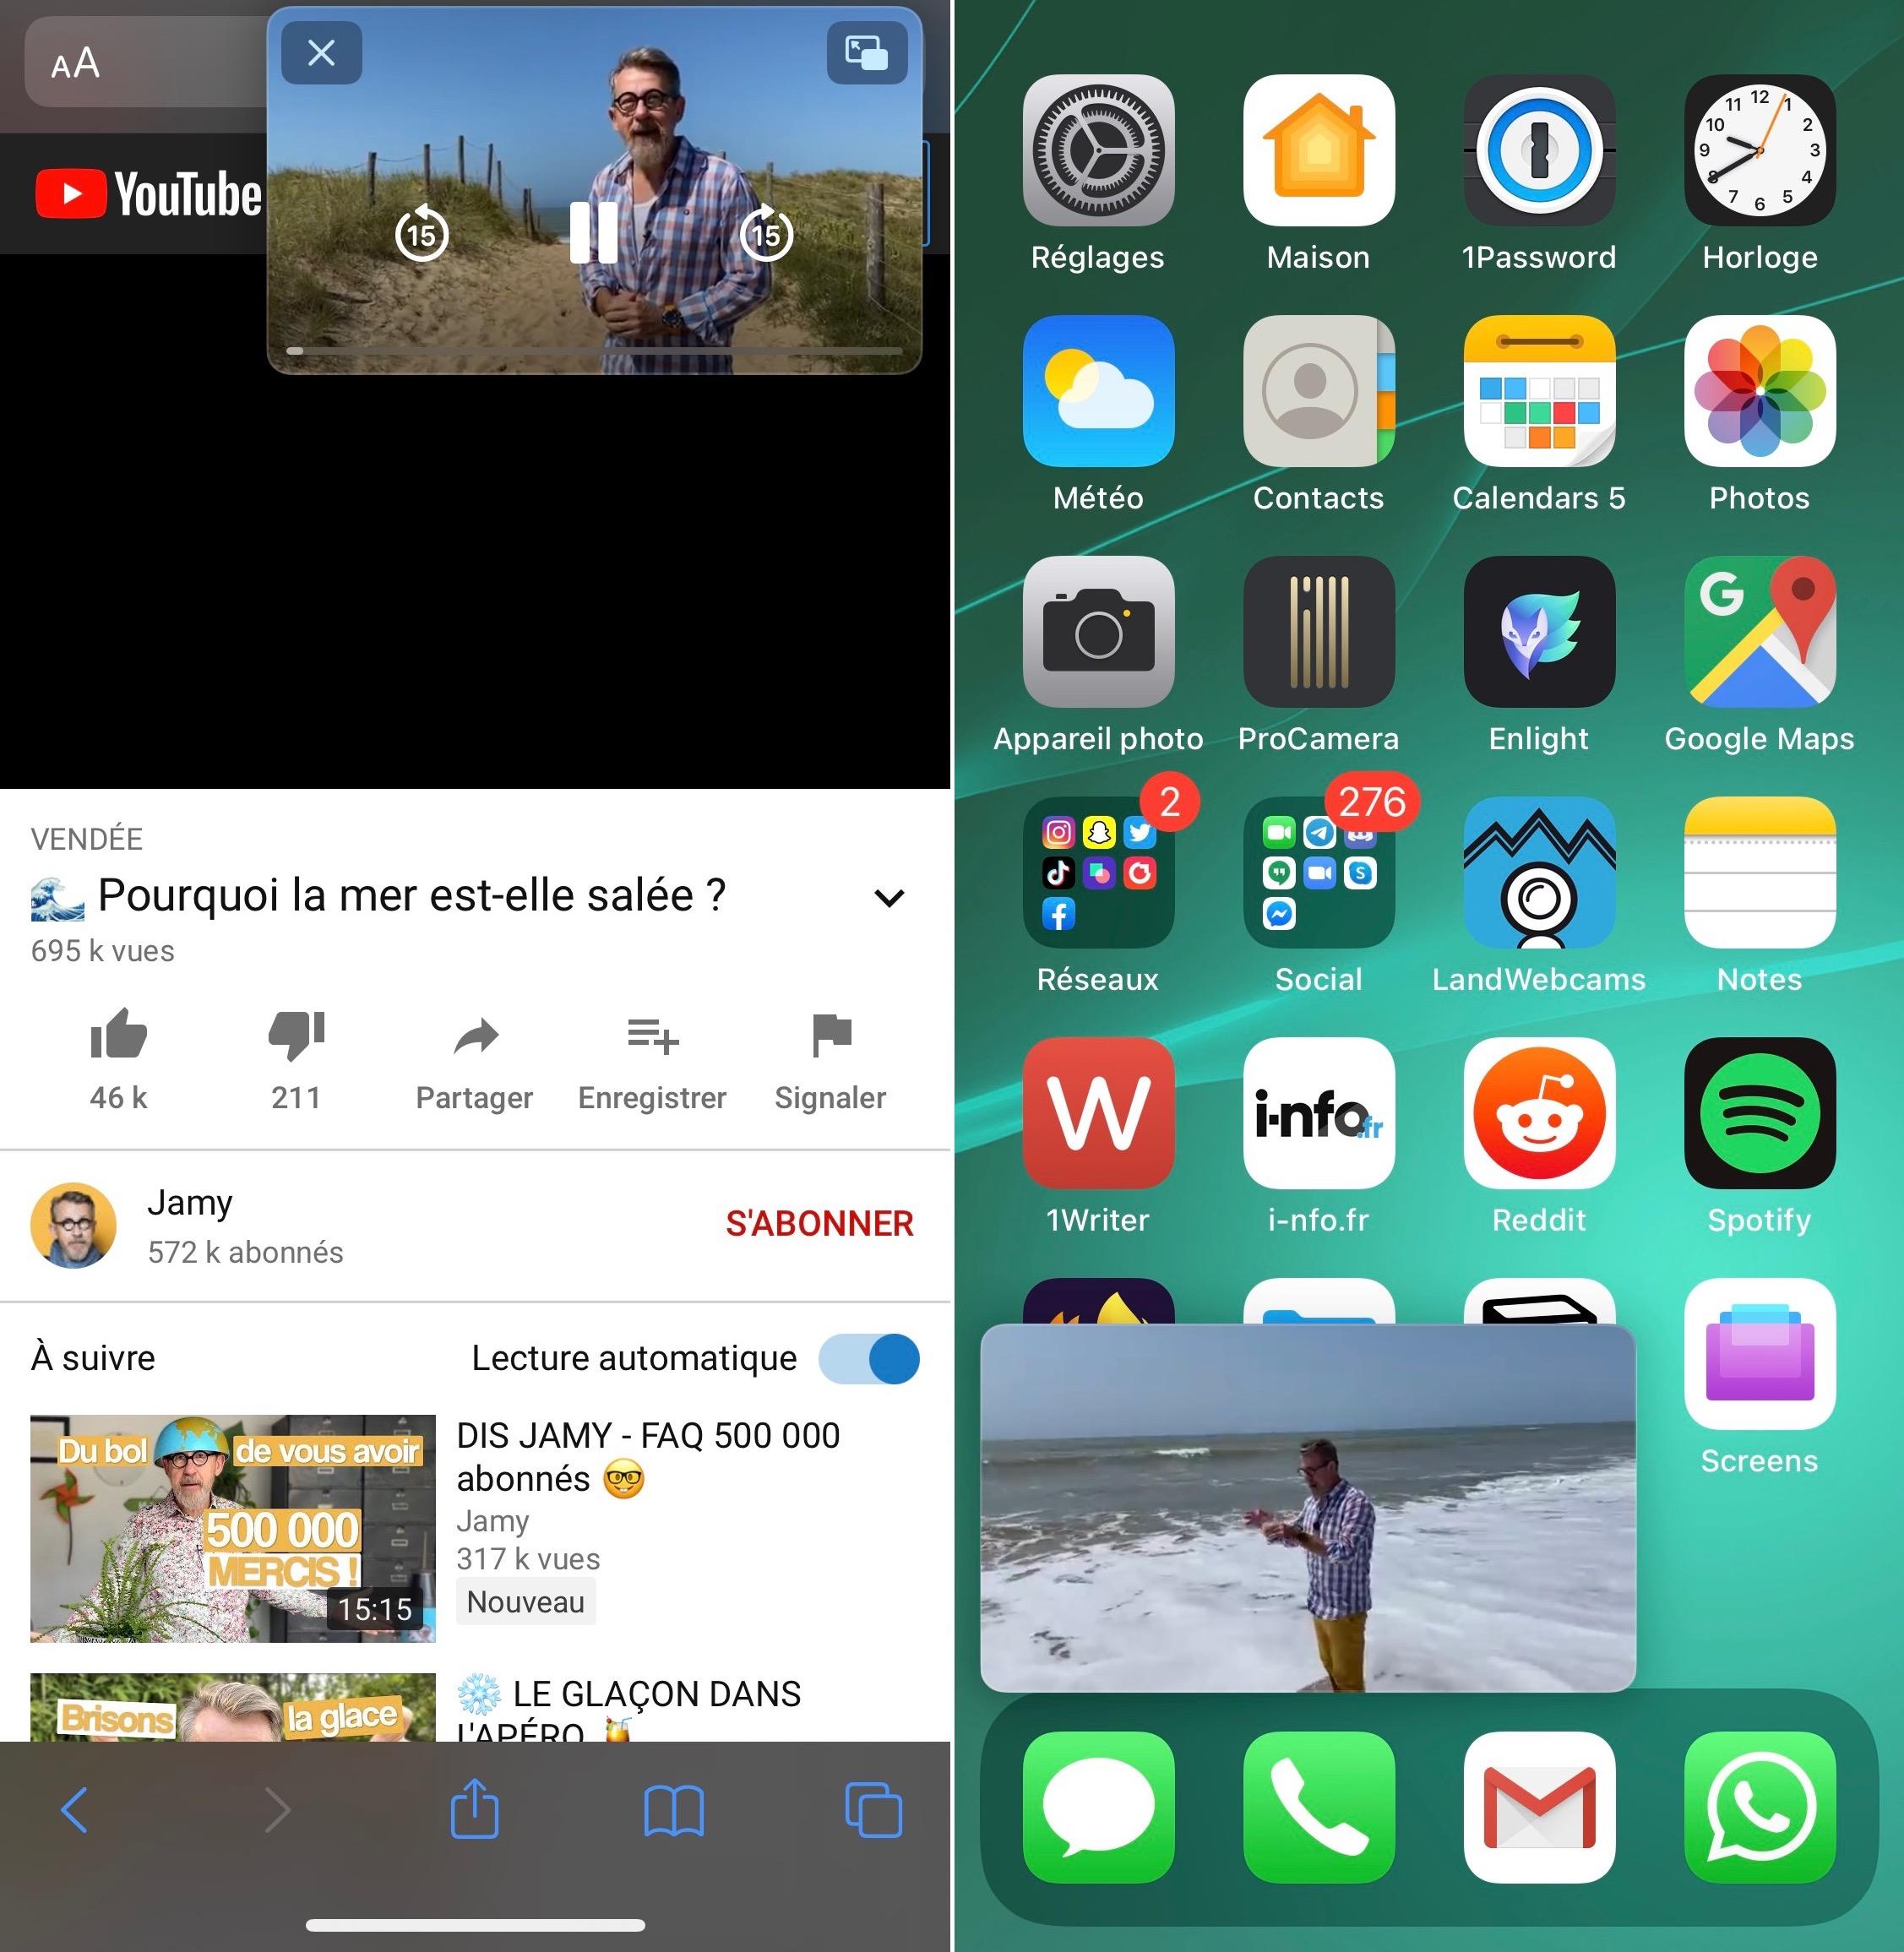 Image dans l'image sur iPhone